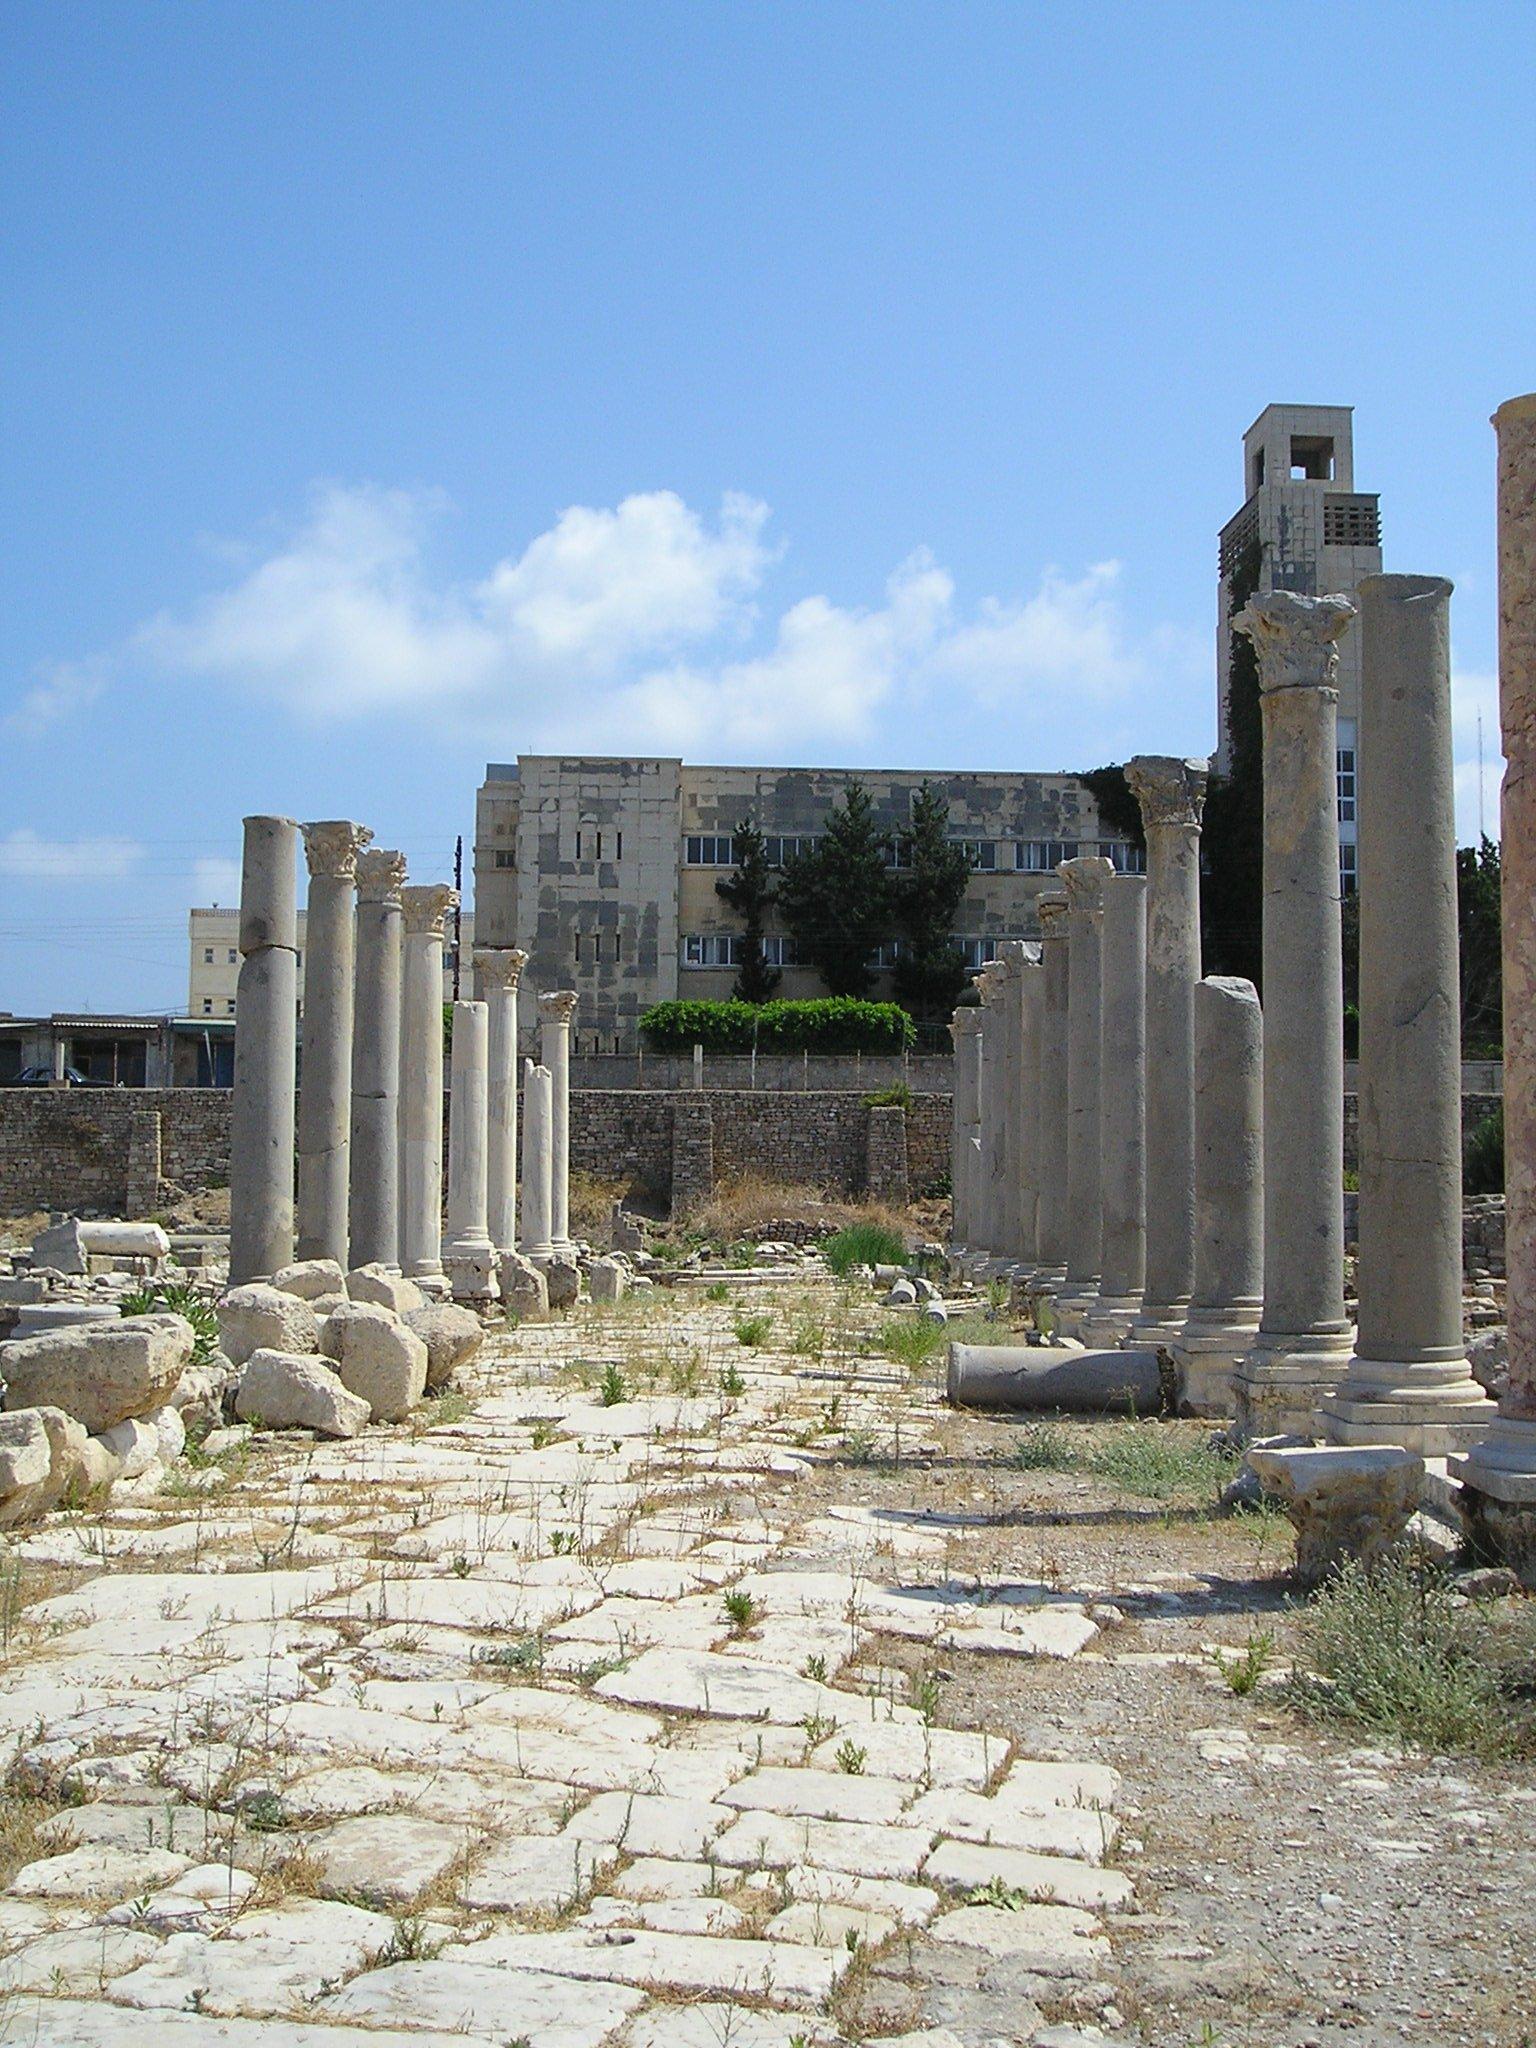 Salah satu reruntuhan agora (tempat untuk pertemuan terbuka) di era Yunani Kuno